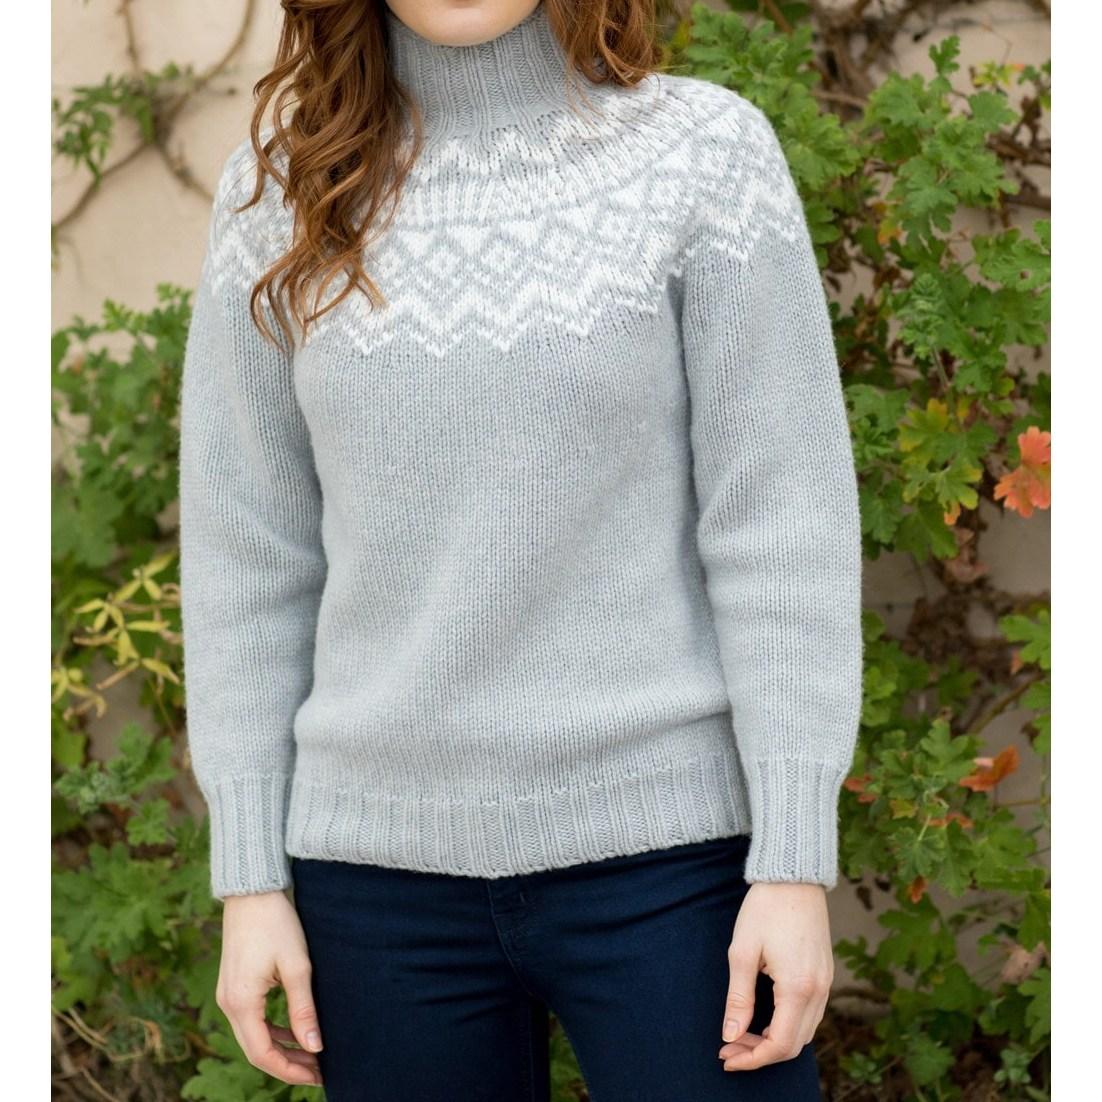 할리 오브 스코틀랜드 HARLEY OF SCOTLAND 여성 터틀넥 여자 페어아일 스웨터 울 니트 우먼